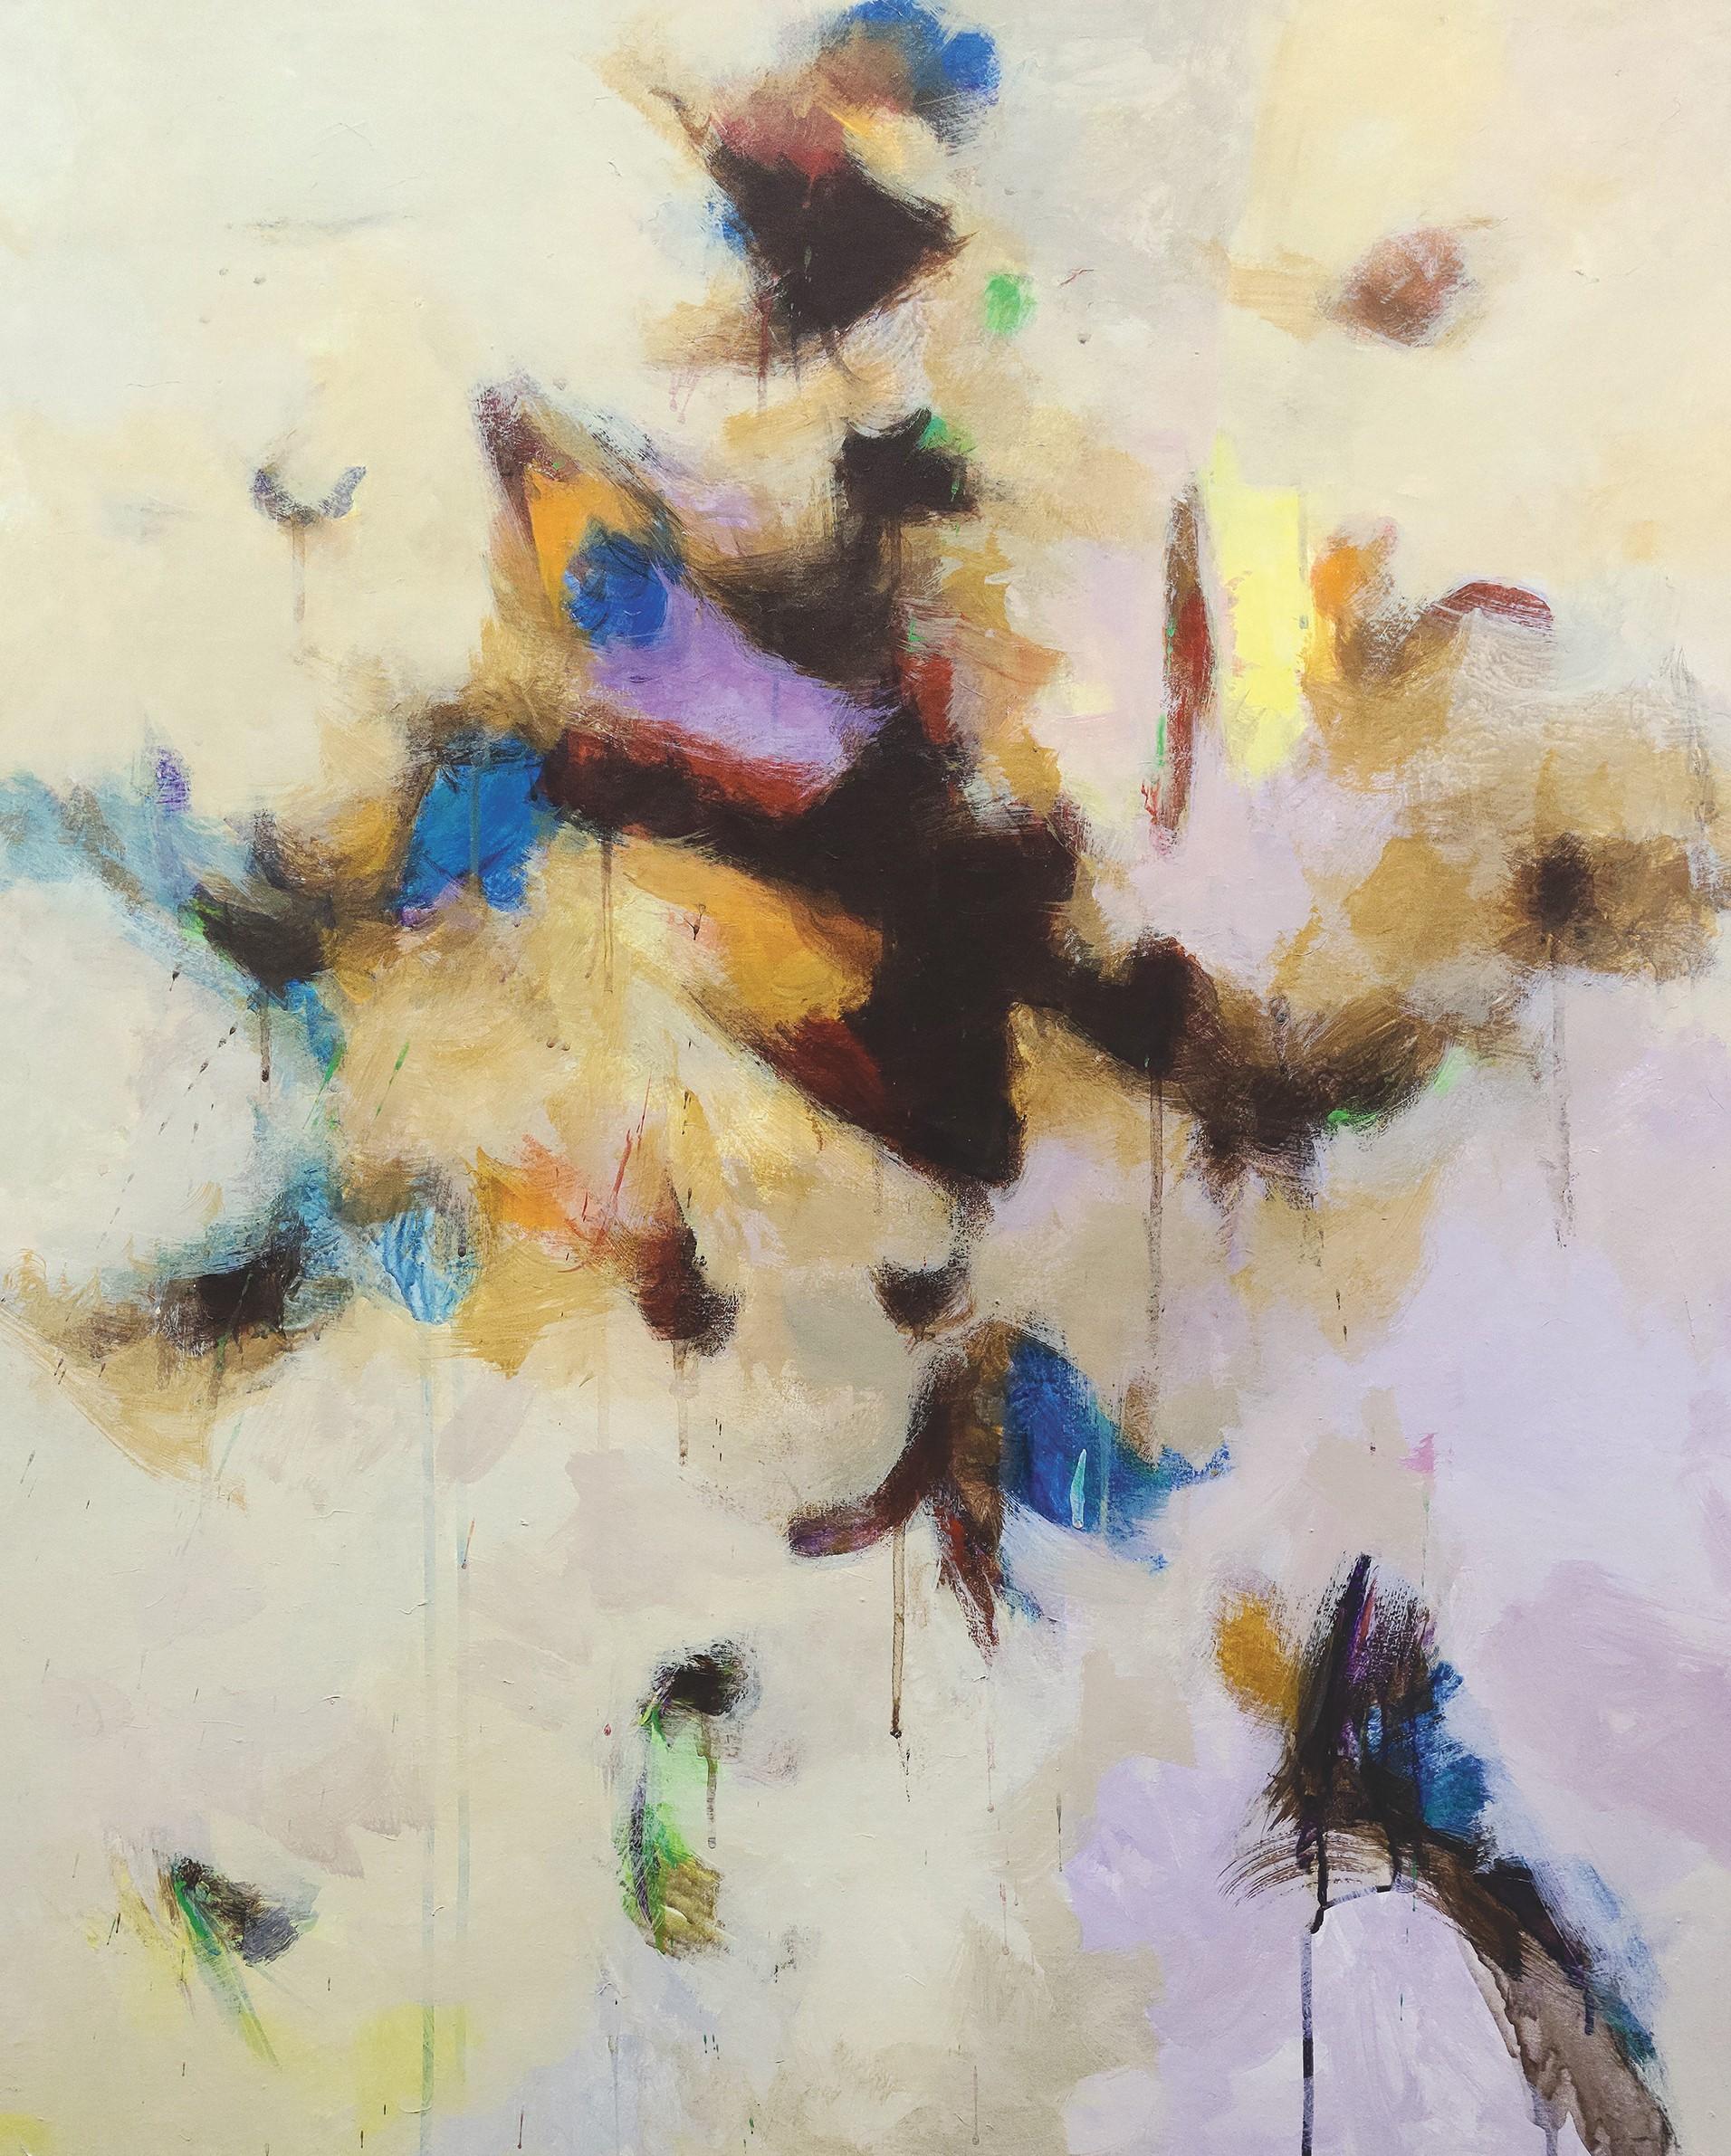 심상(心象), Oil on paper and canvas, 112x84cm, 1989